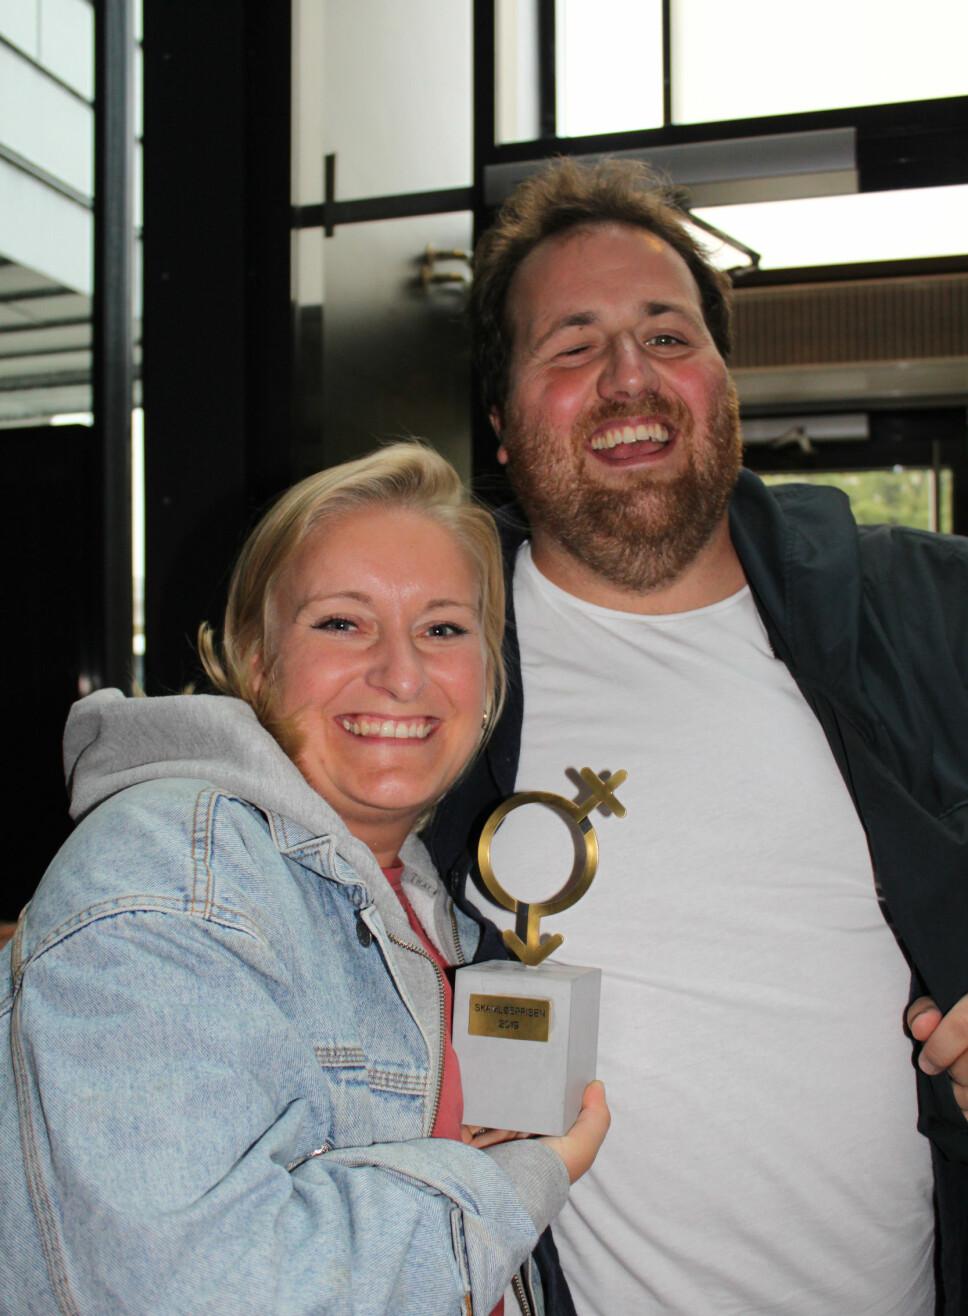 FORLOVET: Tuva Fellman vant Skamløsprisen 2019. Her avbildet sammen med forloveden og P3-programleder Ronny Brede Aase.